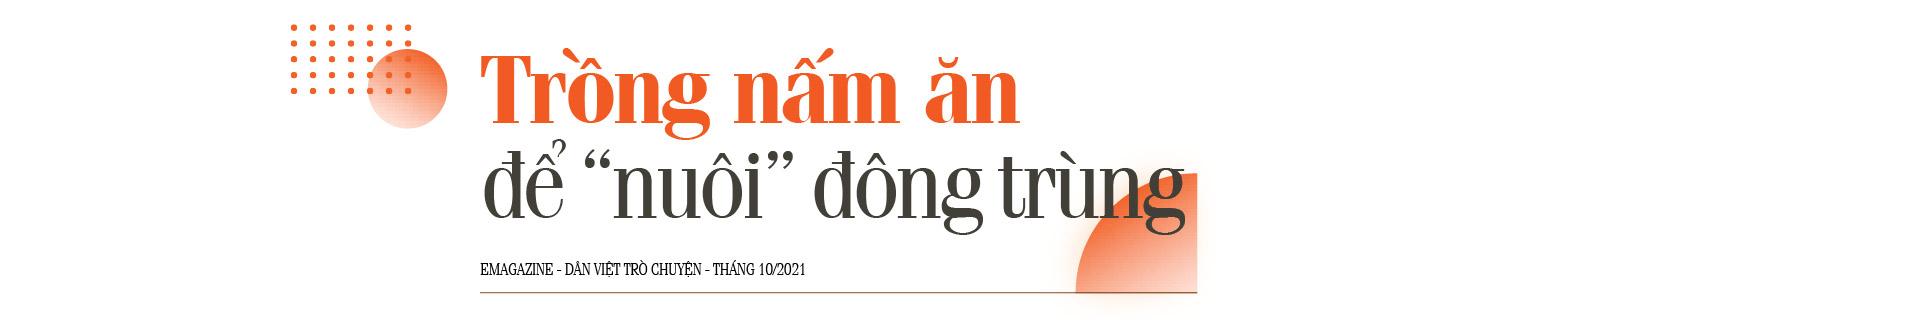 """Tỷ phú Nông dân Việt Nam xuất sắc 2021 Nguyễn Thị Hồng: Hành trình chinh phục  """"vàng mềm"""" siêu đắt đỏ  - Ảnh 10."""